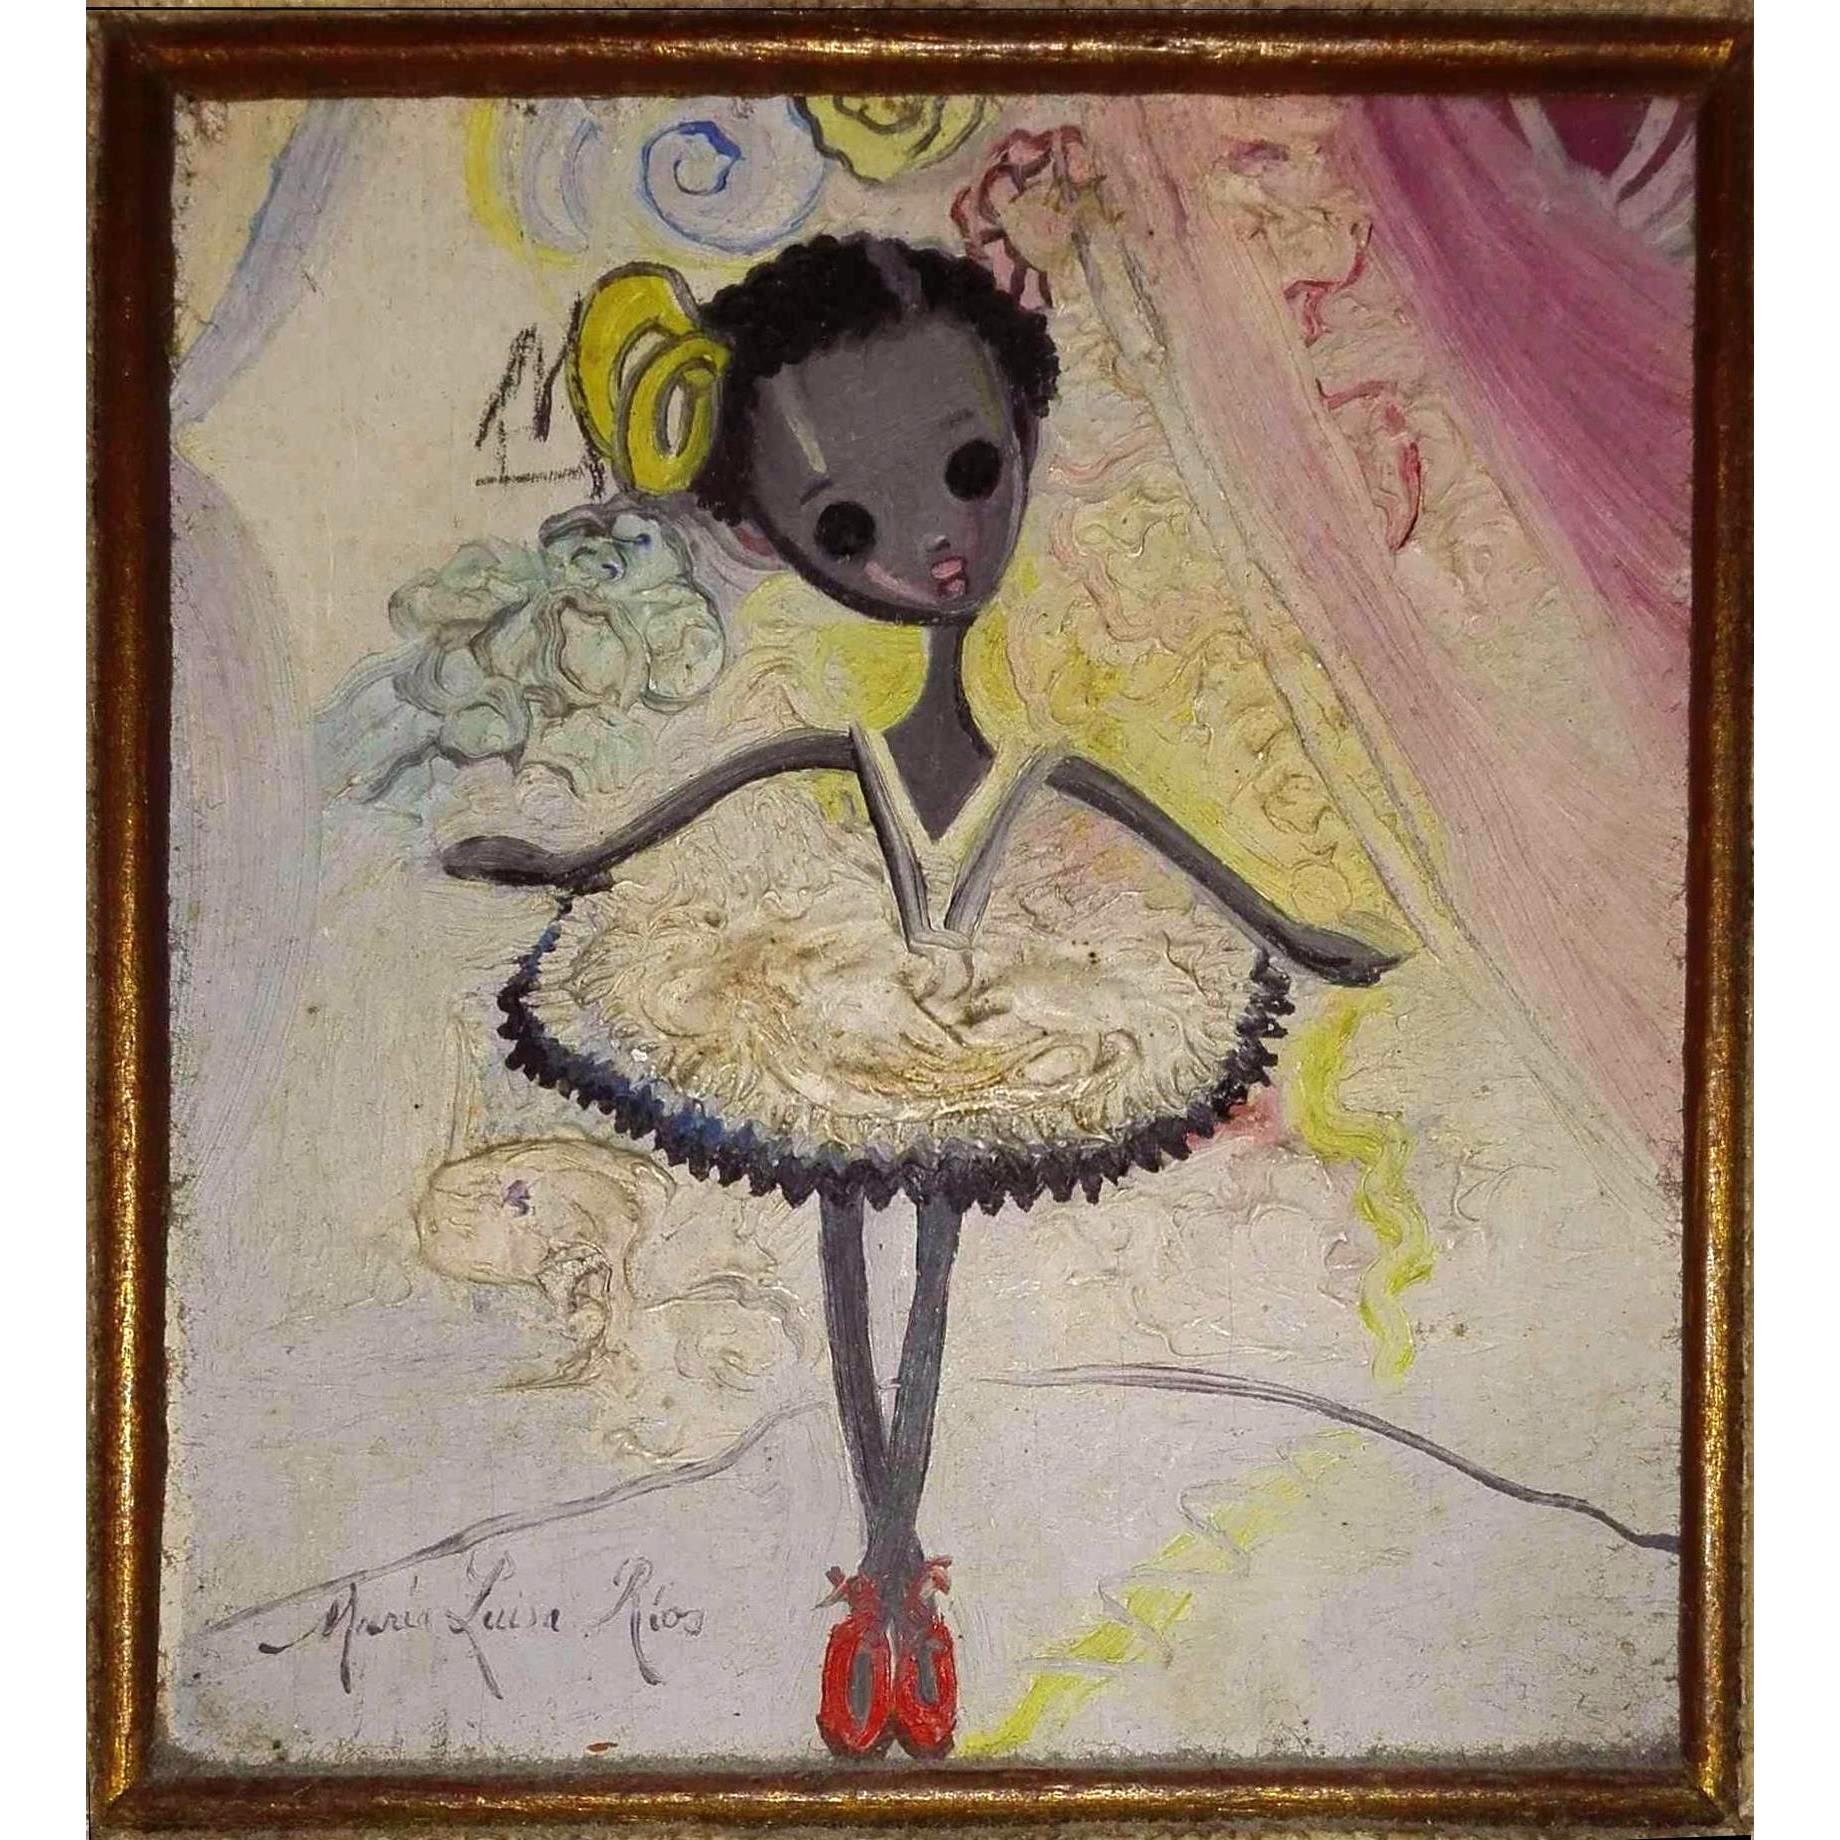 Maria Luisa RIOS Cuban painter